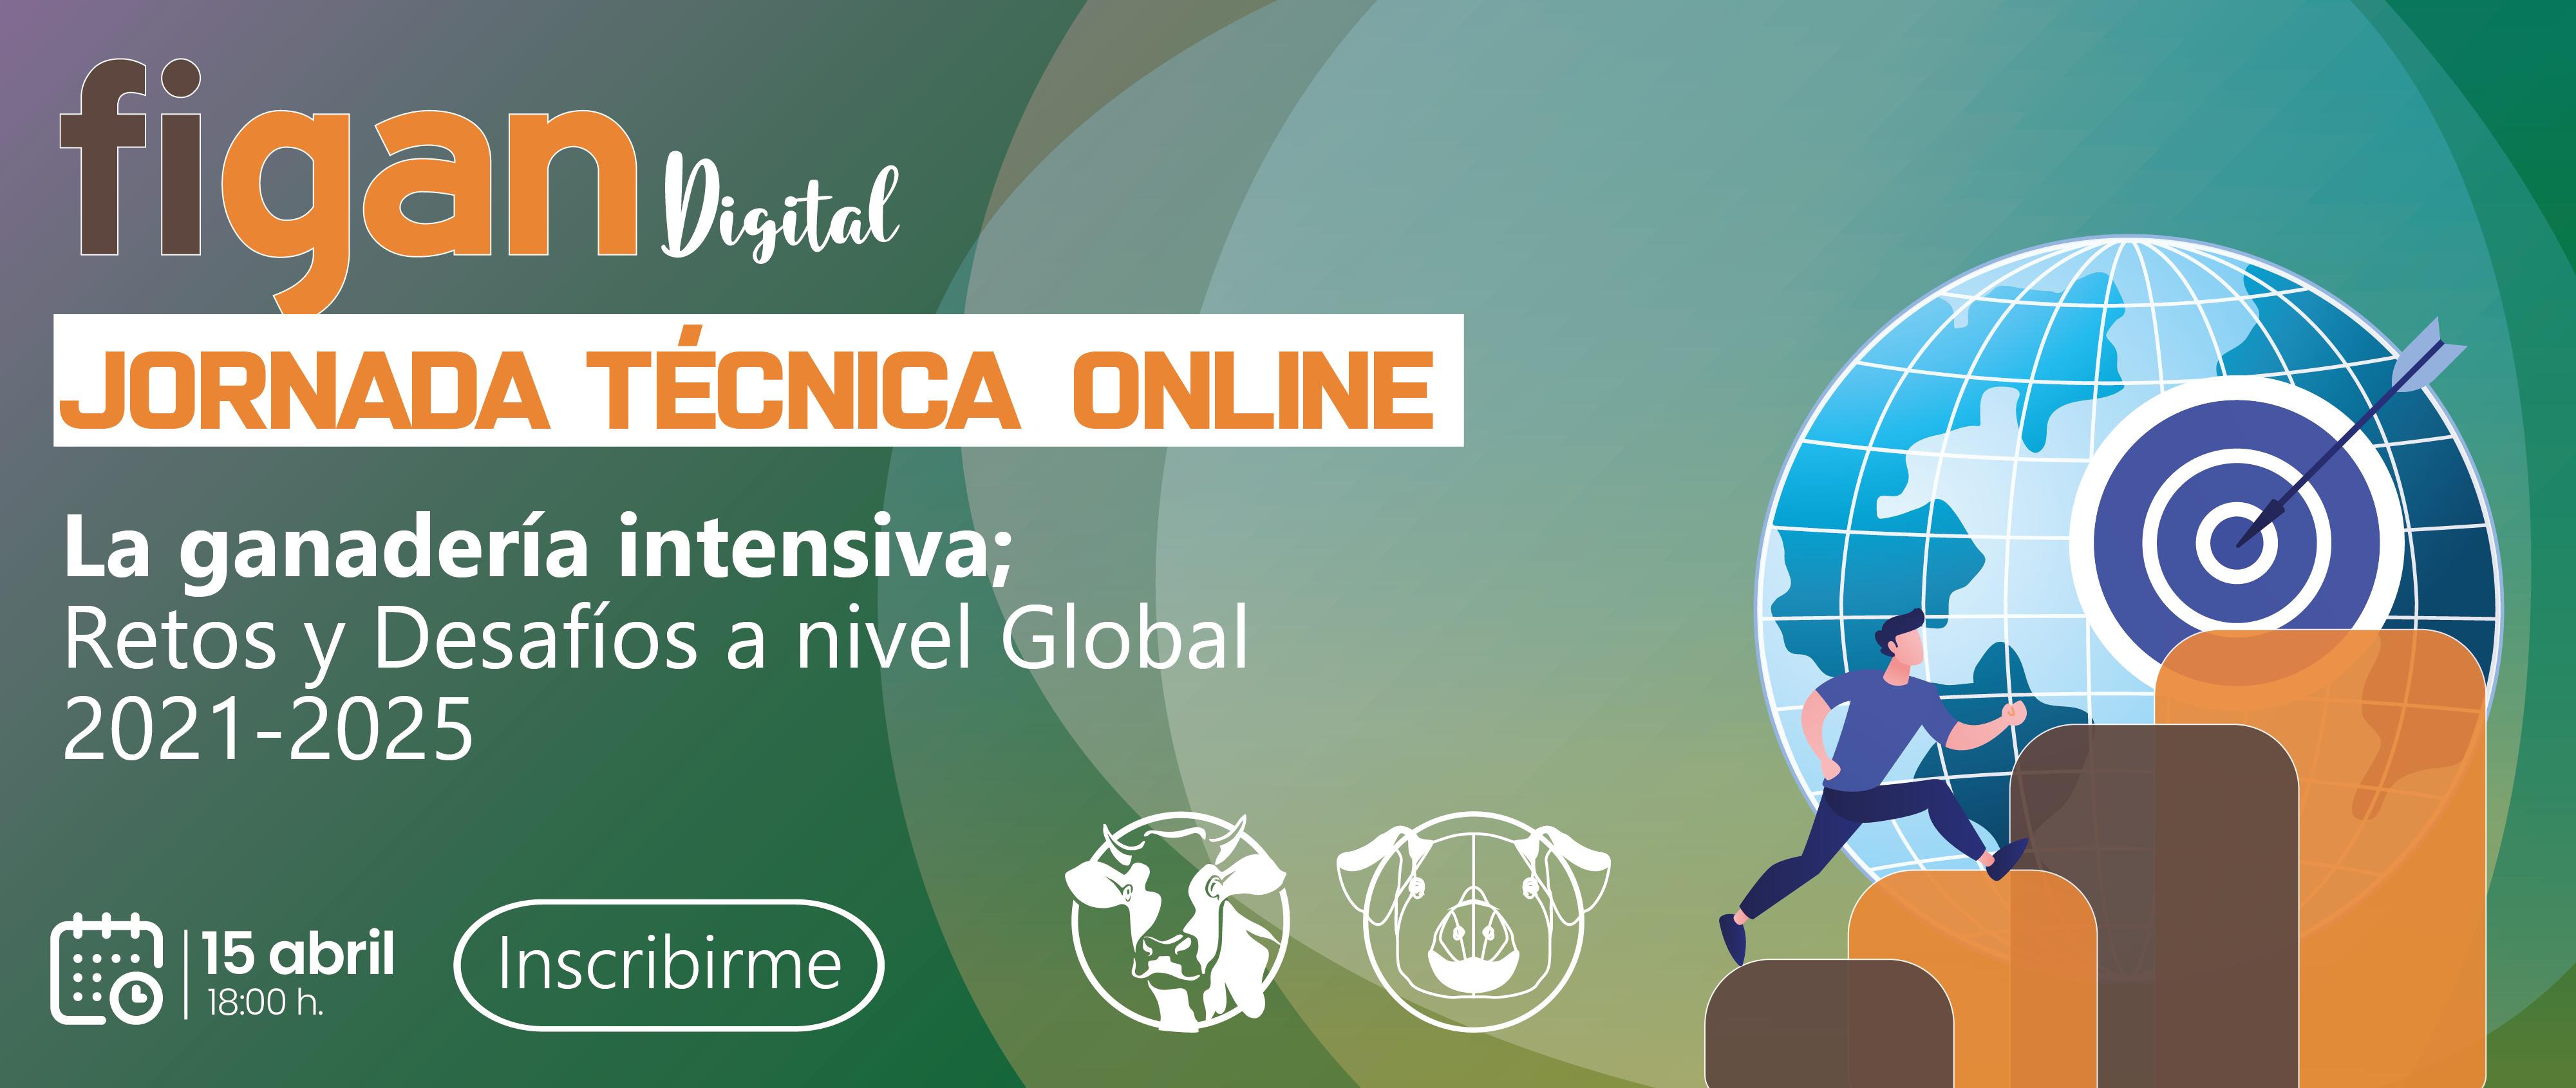 Jornada Figan Digital